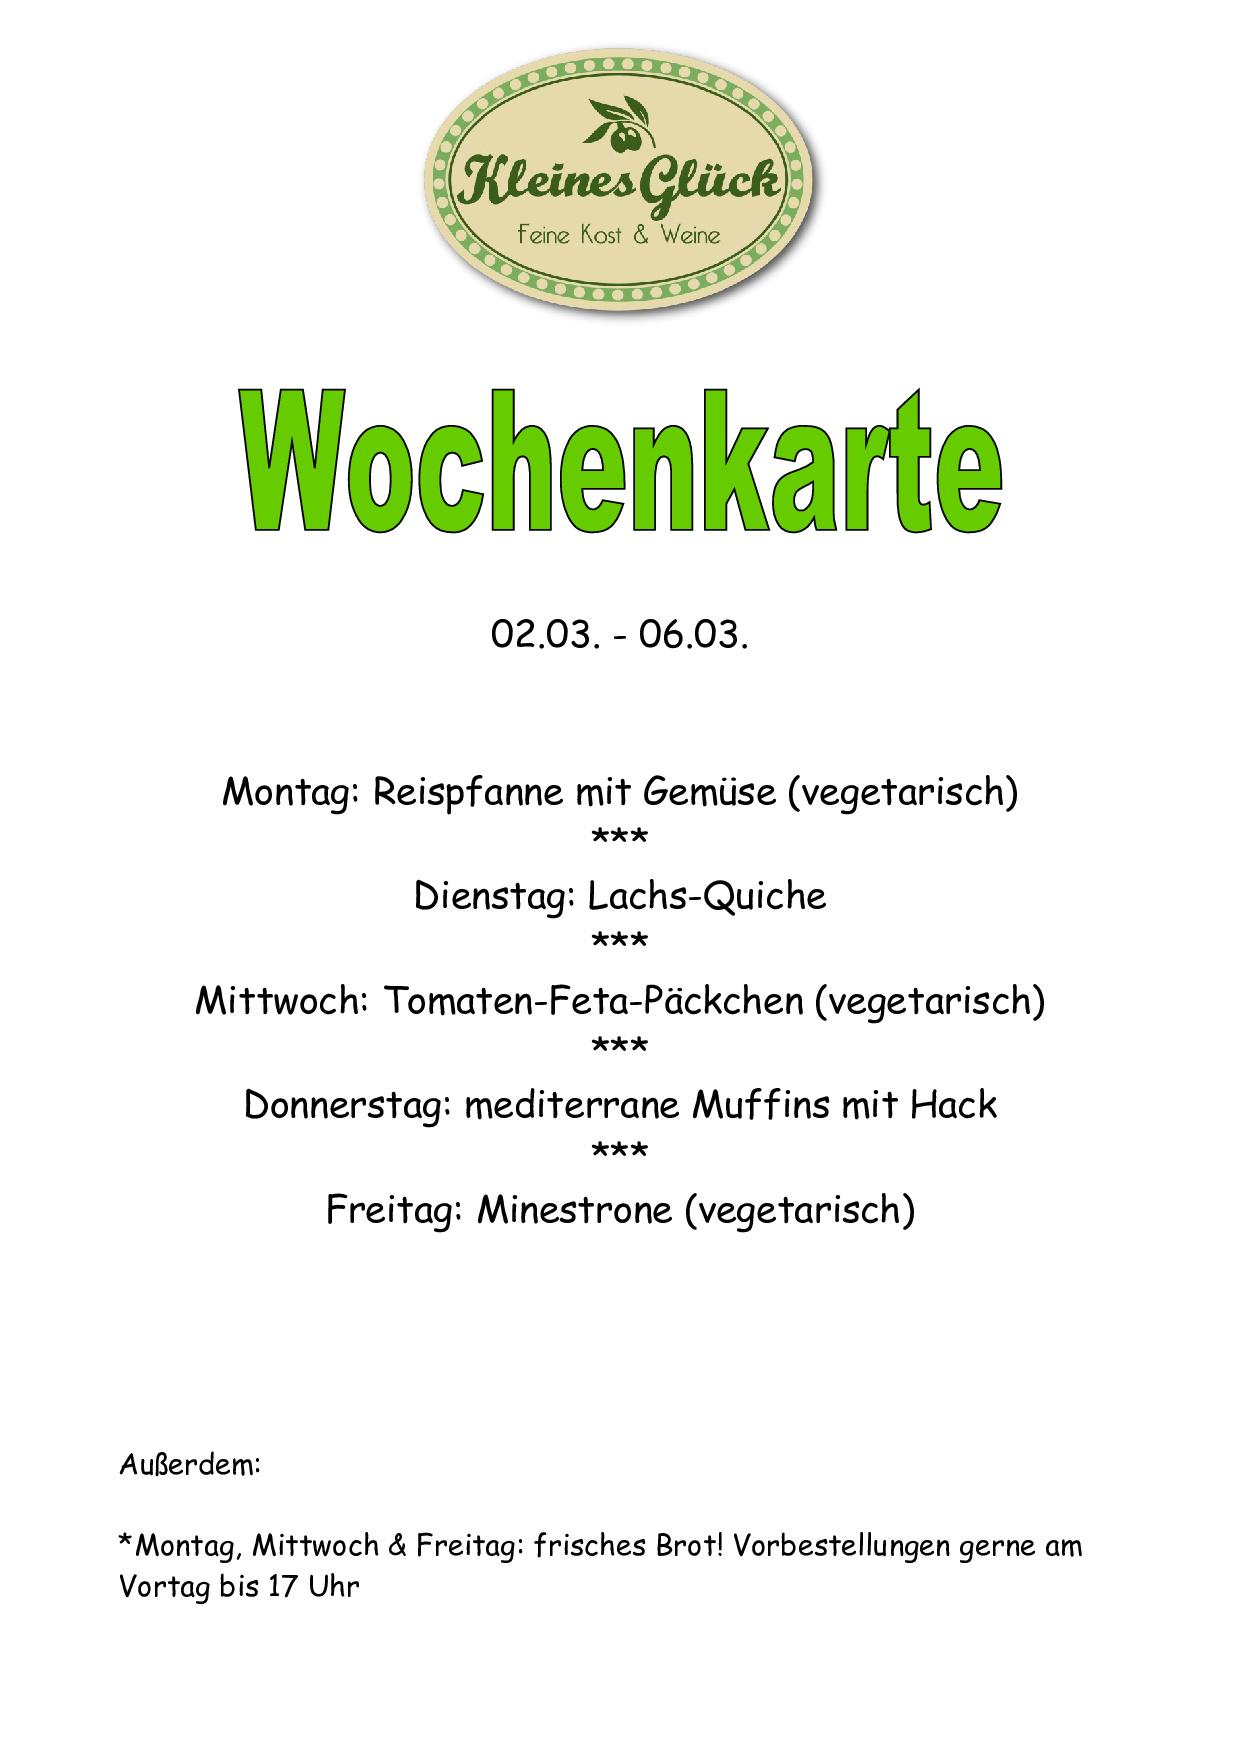 Wochenkarte_15-09